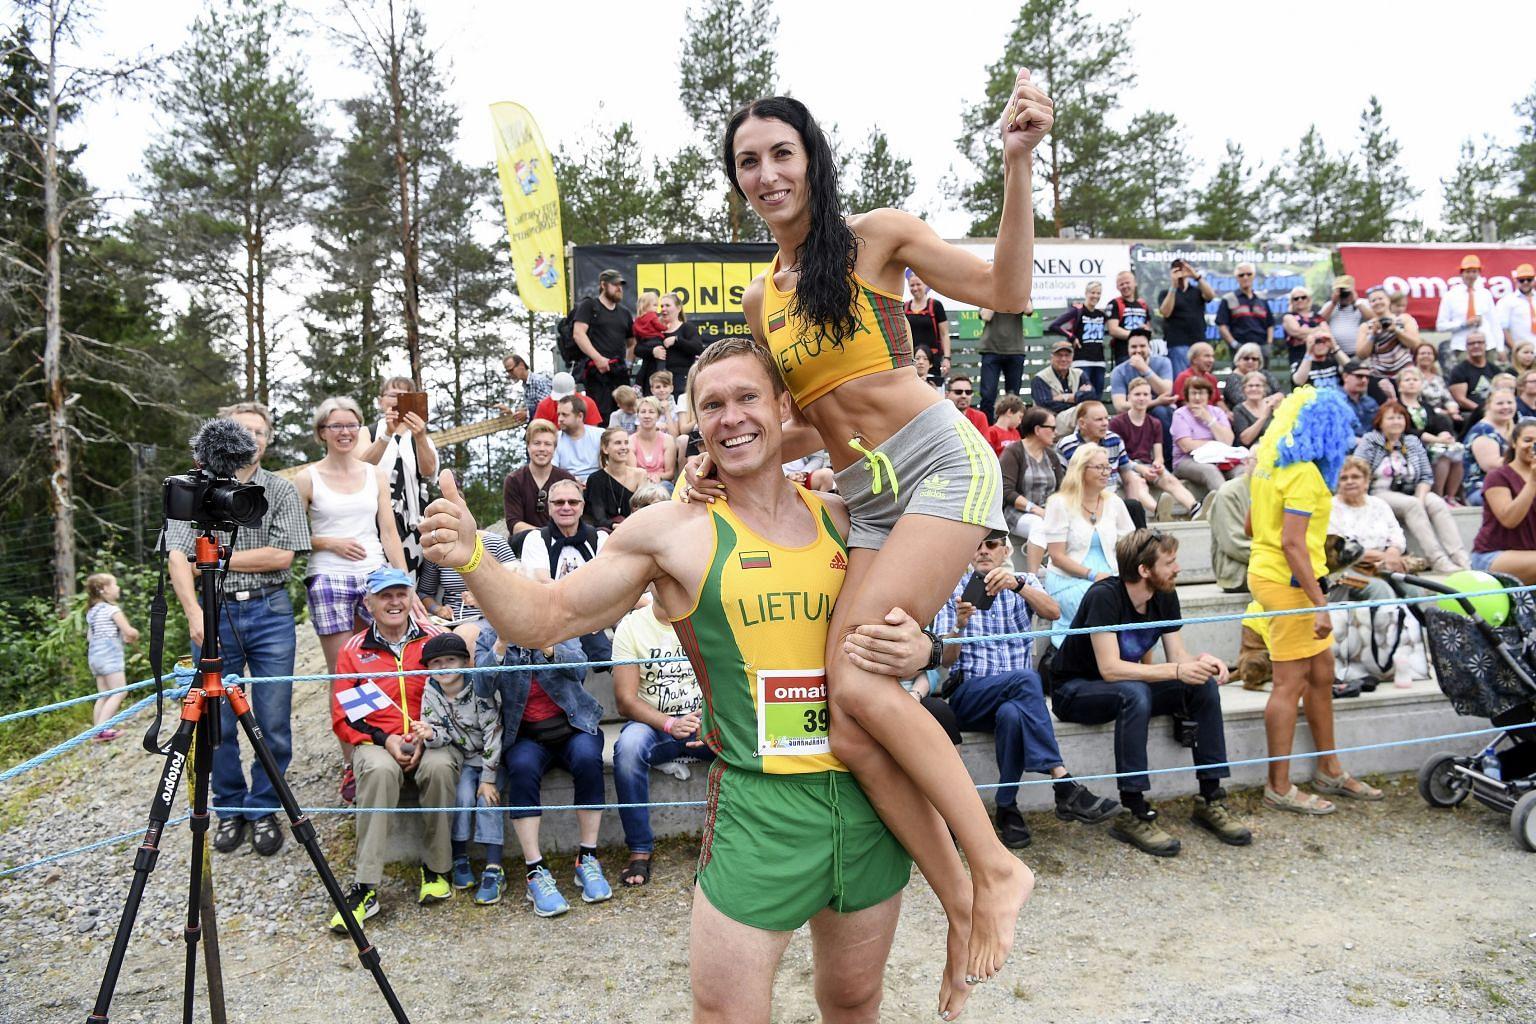 Αποτέλεσμα εικόνας για Vytautas Kirkliauskas of Lithuania carries his wife Neringa Kirkliauskiene